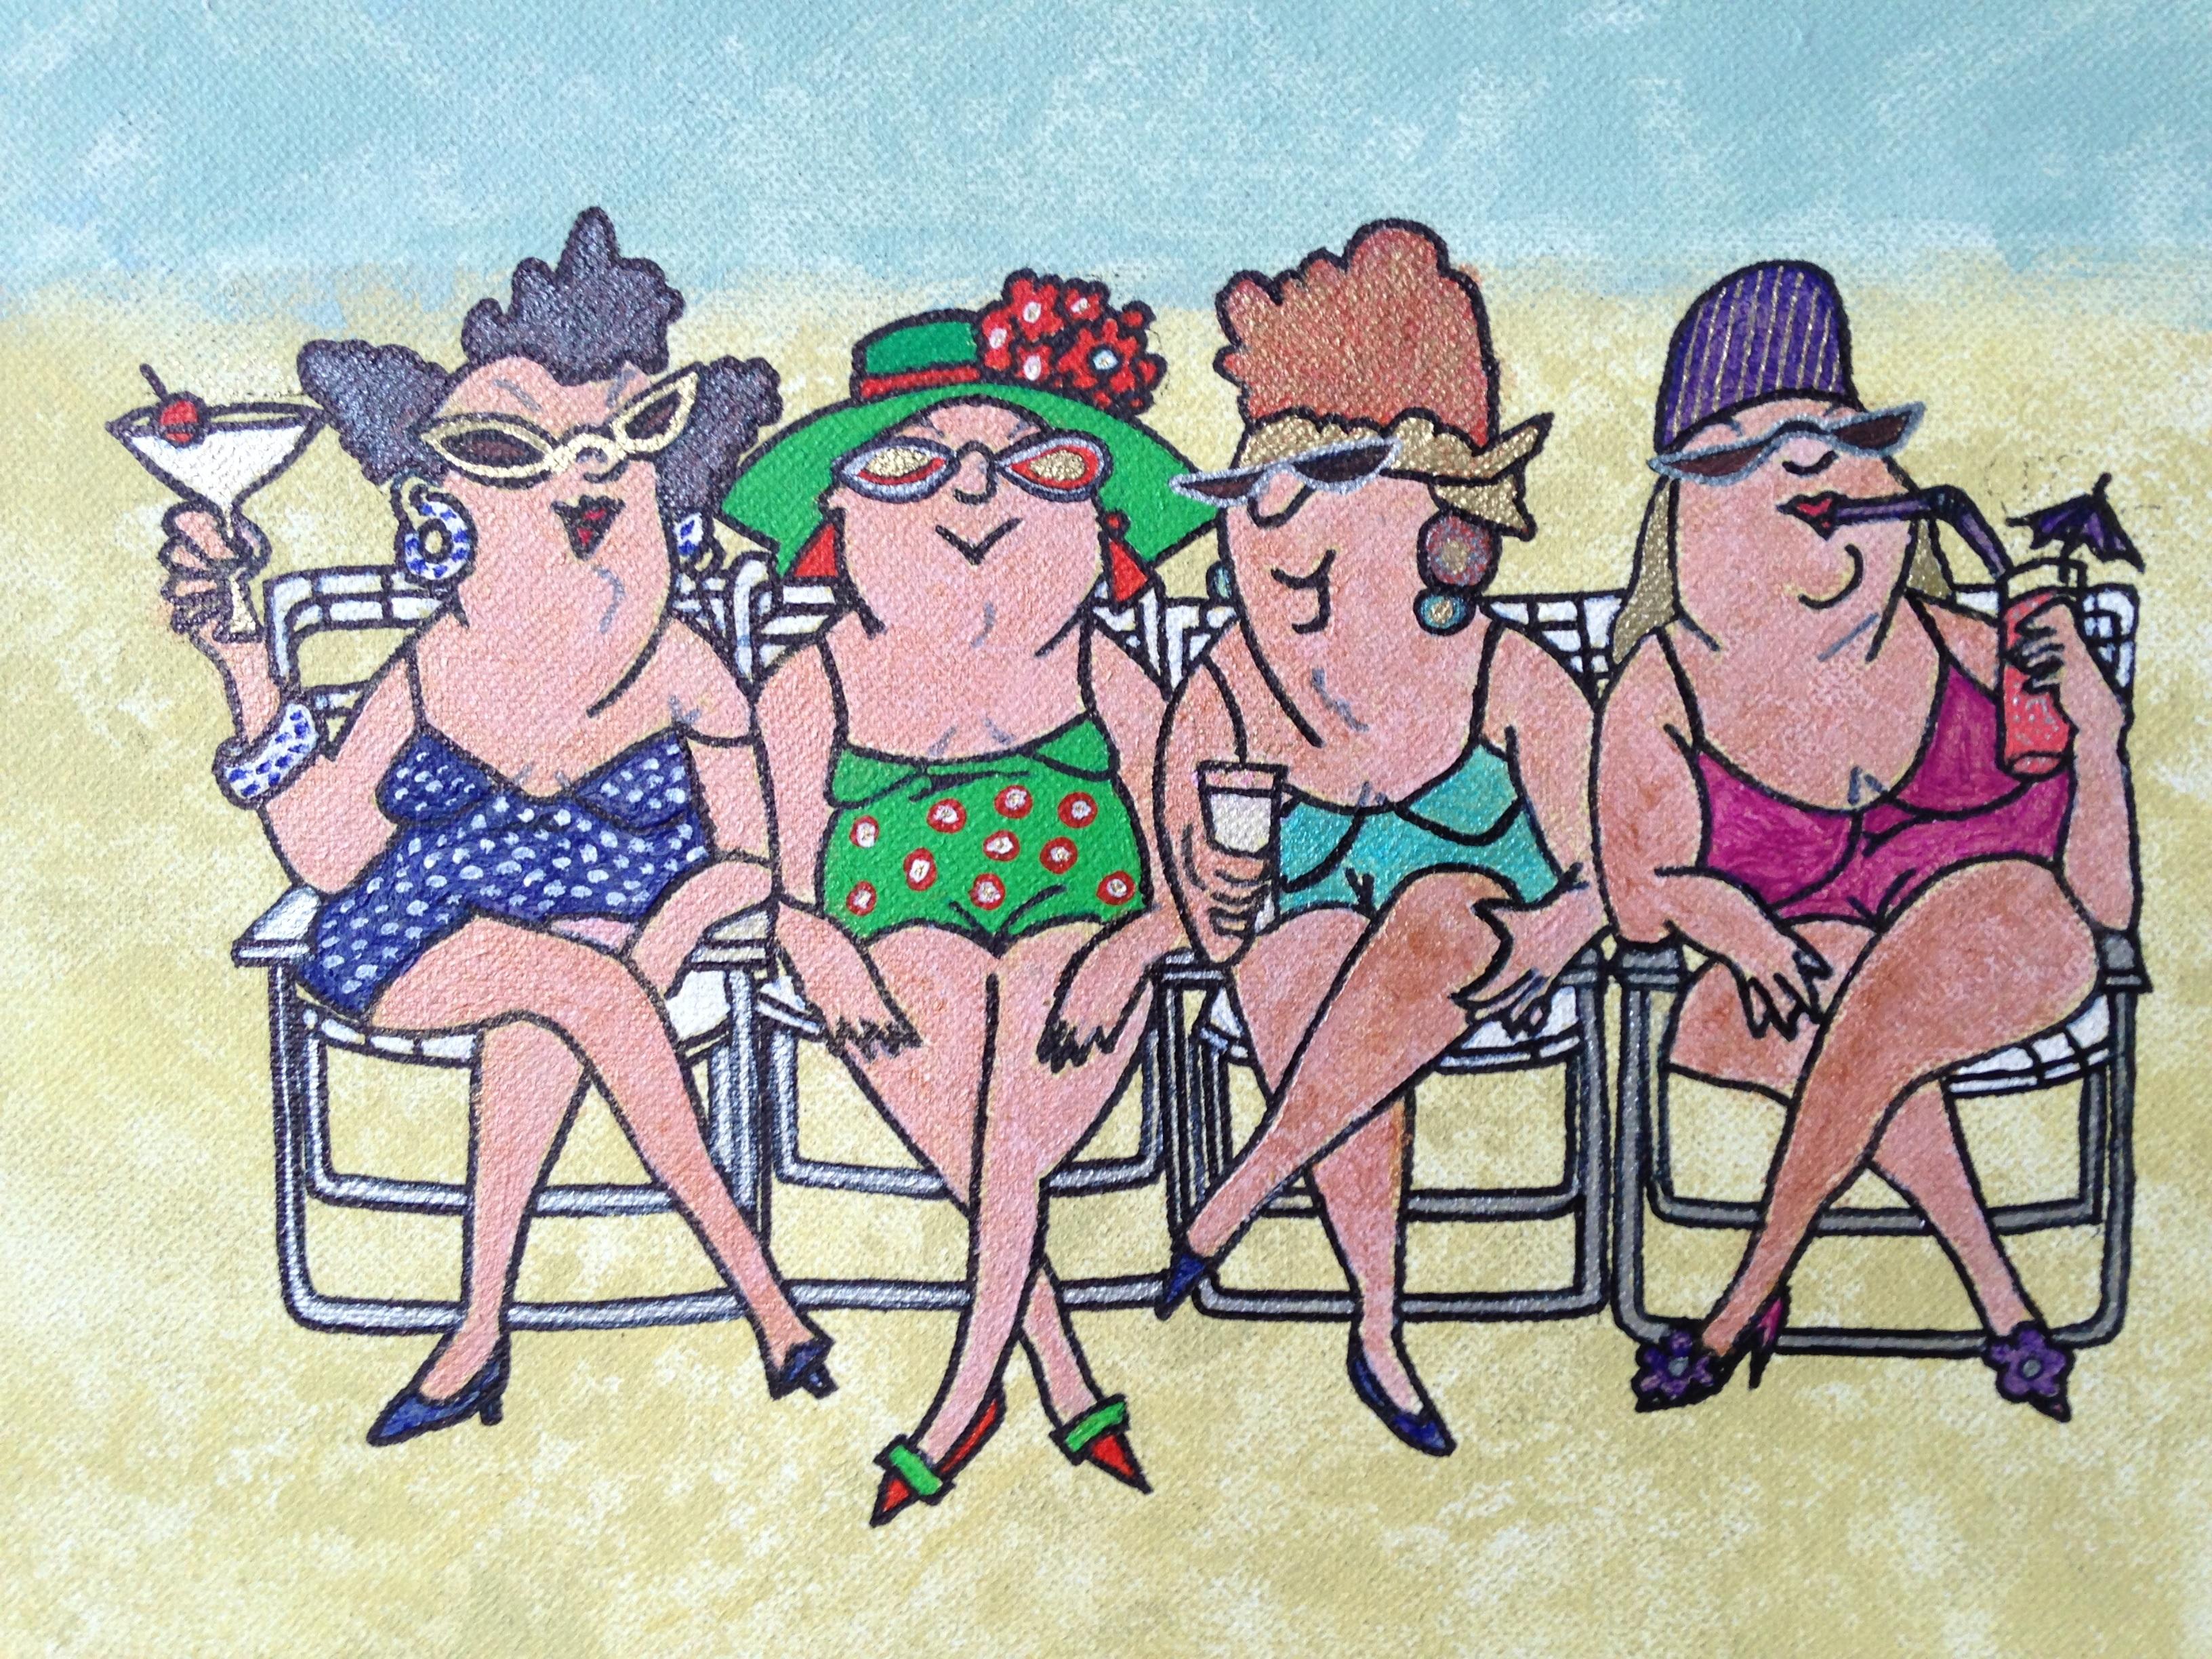 Gambar Pantai Orang Orang Lukisan Seni Sketsa Ilustrasi